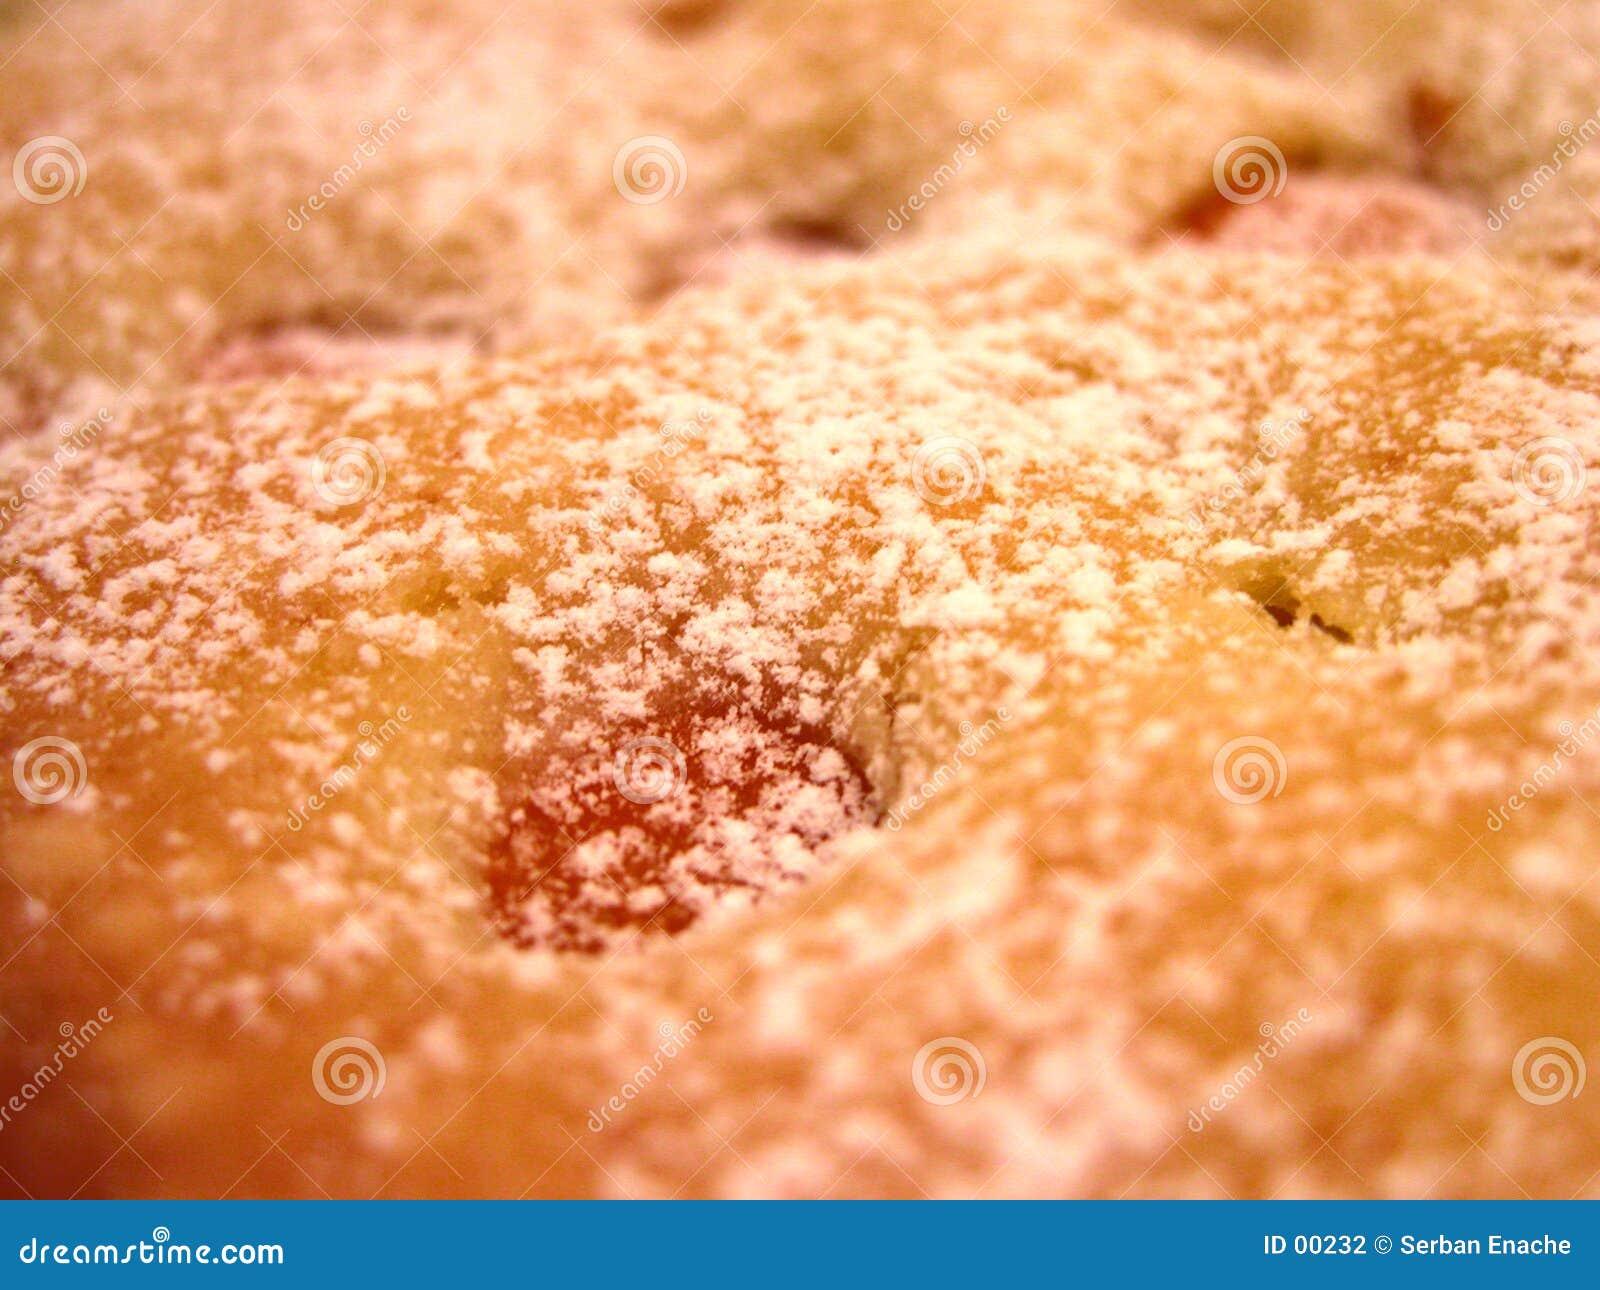 Apricots pie